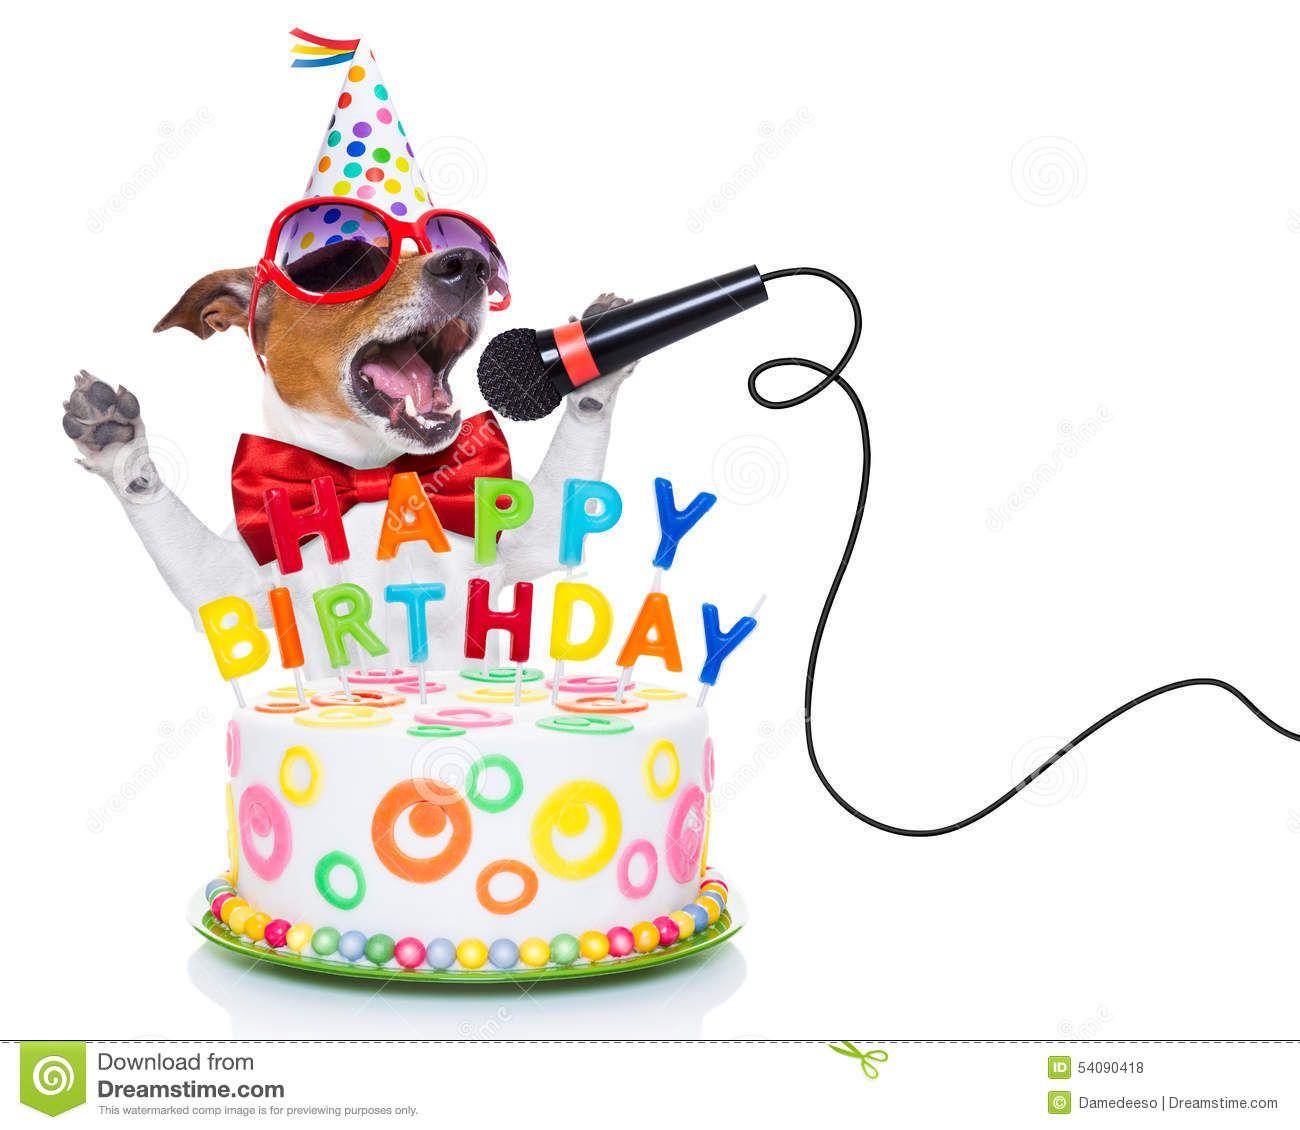 Happy Birthday Dog Clipart Free Happy birthday dog